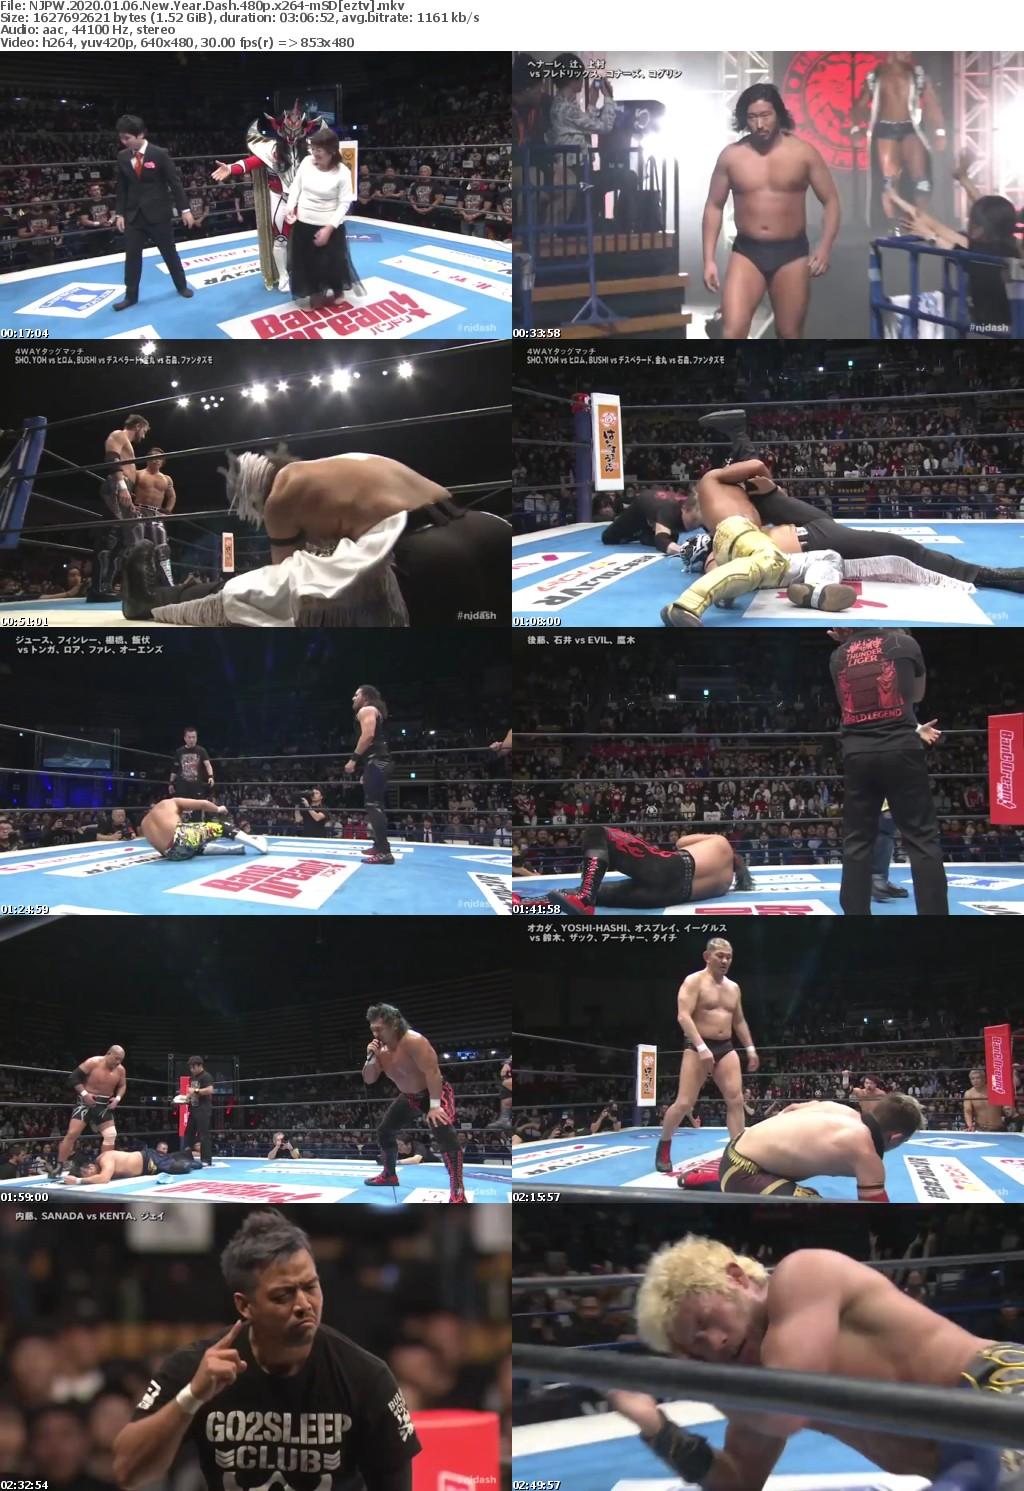 NJPW 2020 01 06 New Year Dash 480p x264-mSD